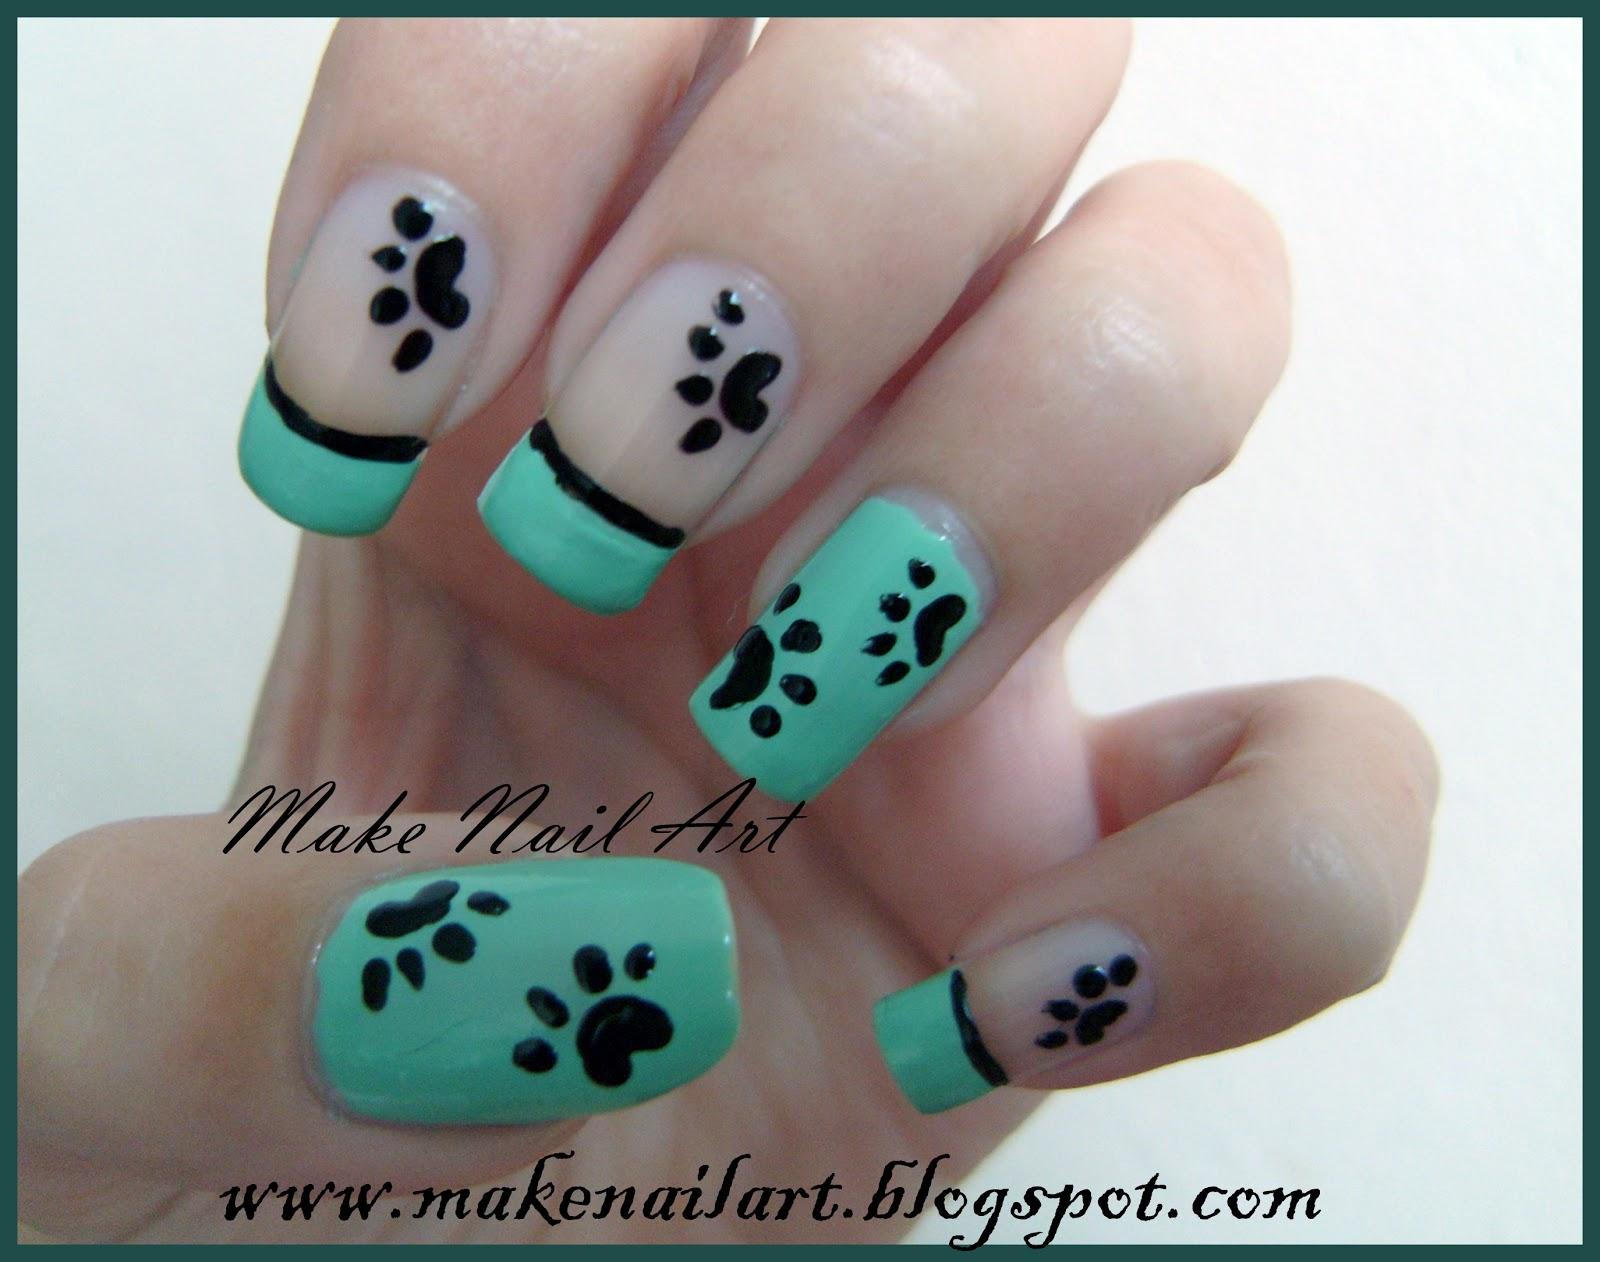 Make nail art simple and cute paws nail art tutorial simple and cute paws nail art tutorial prinsesfo Choice Image